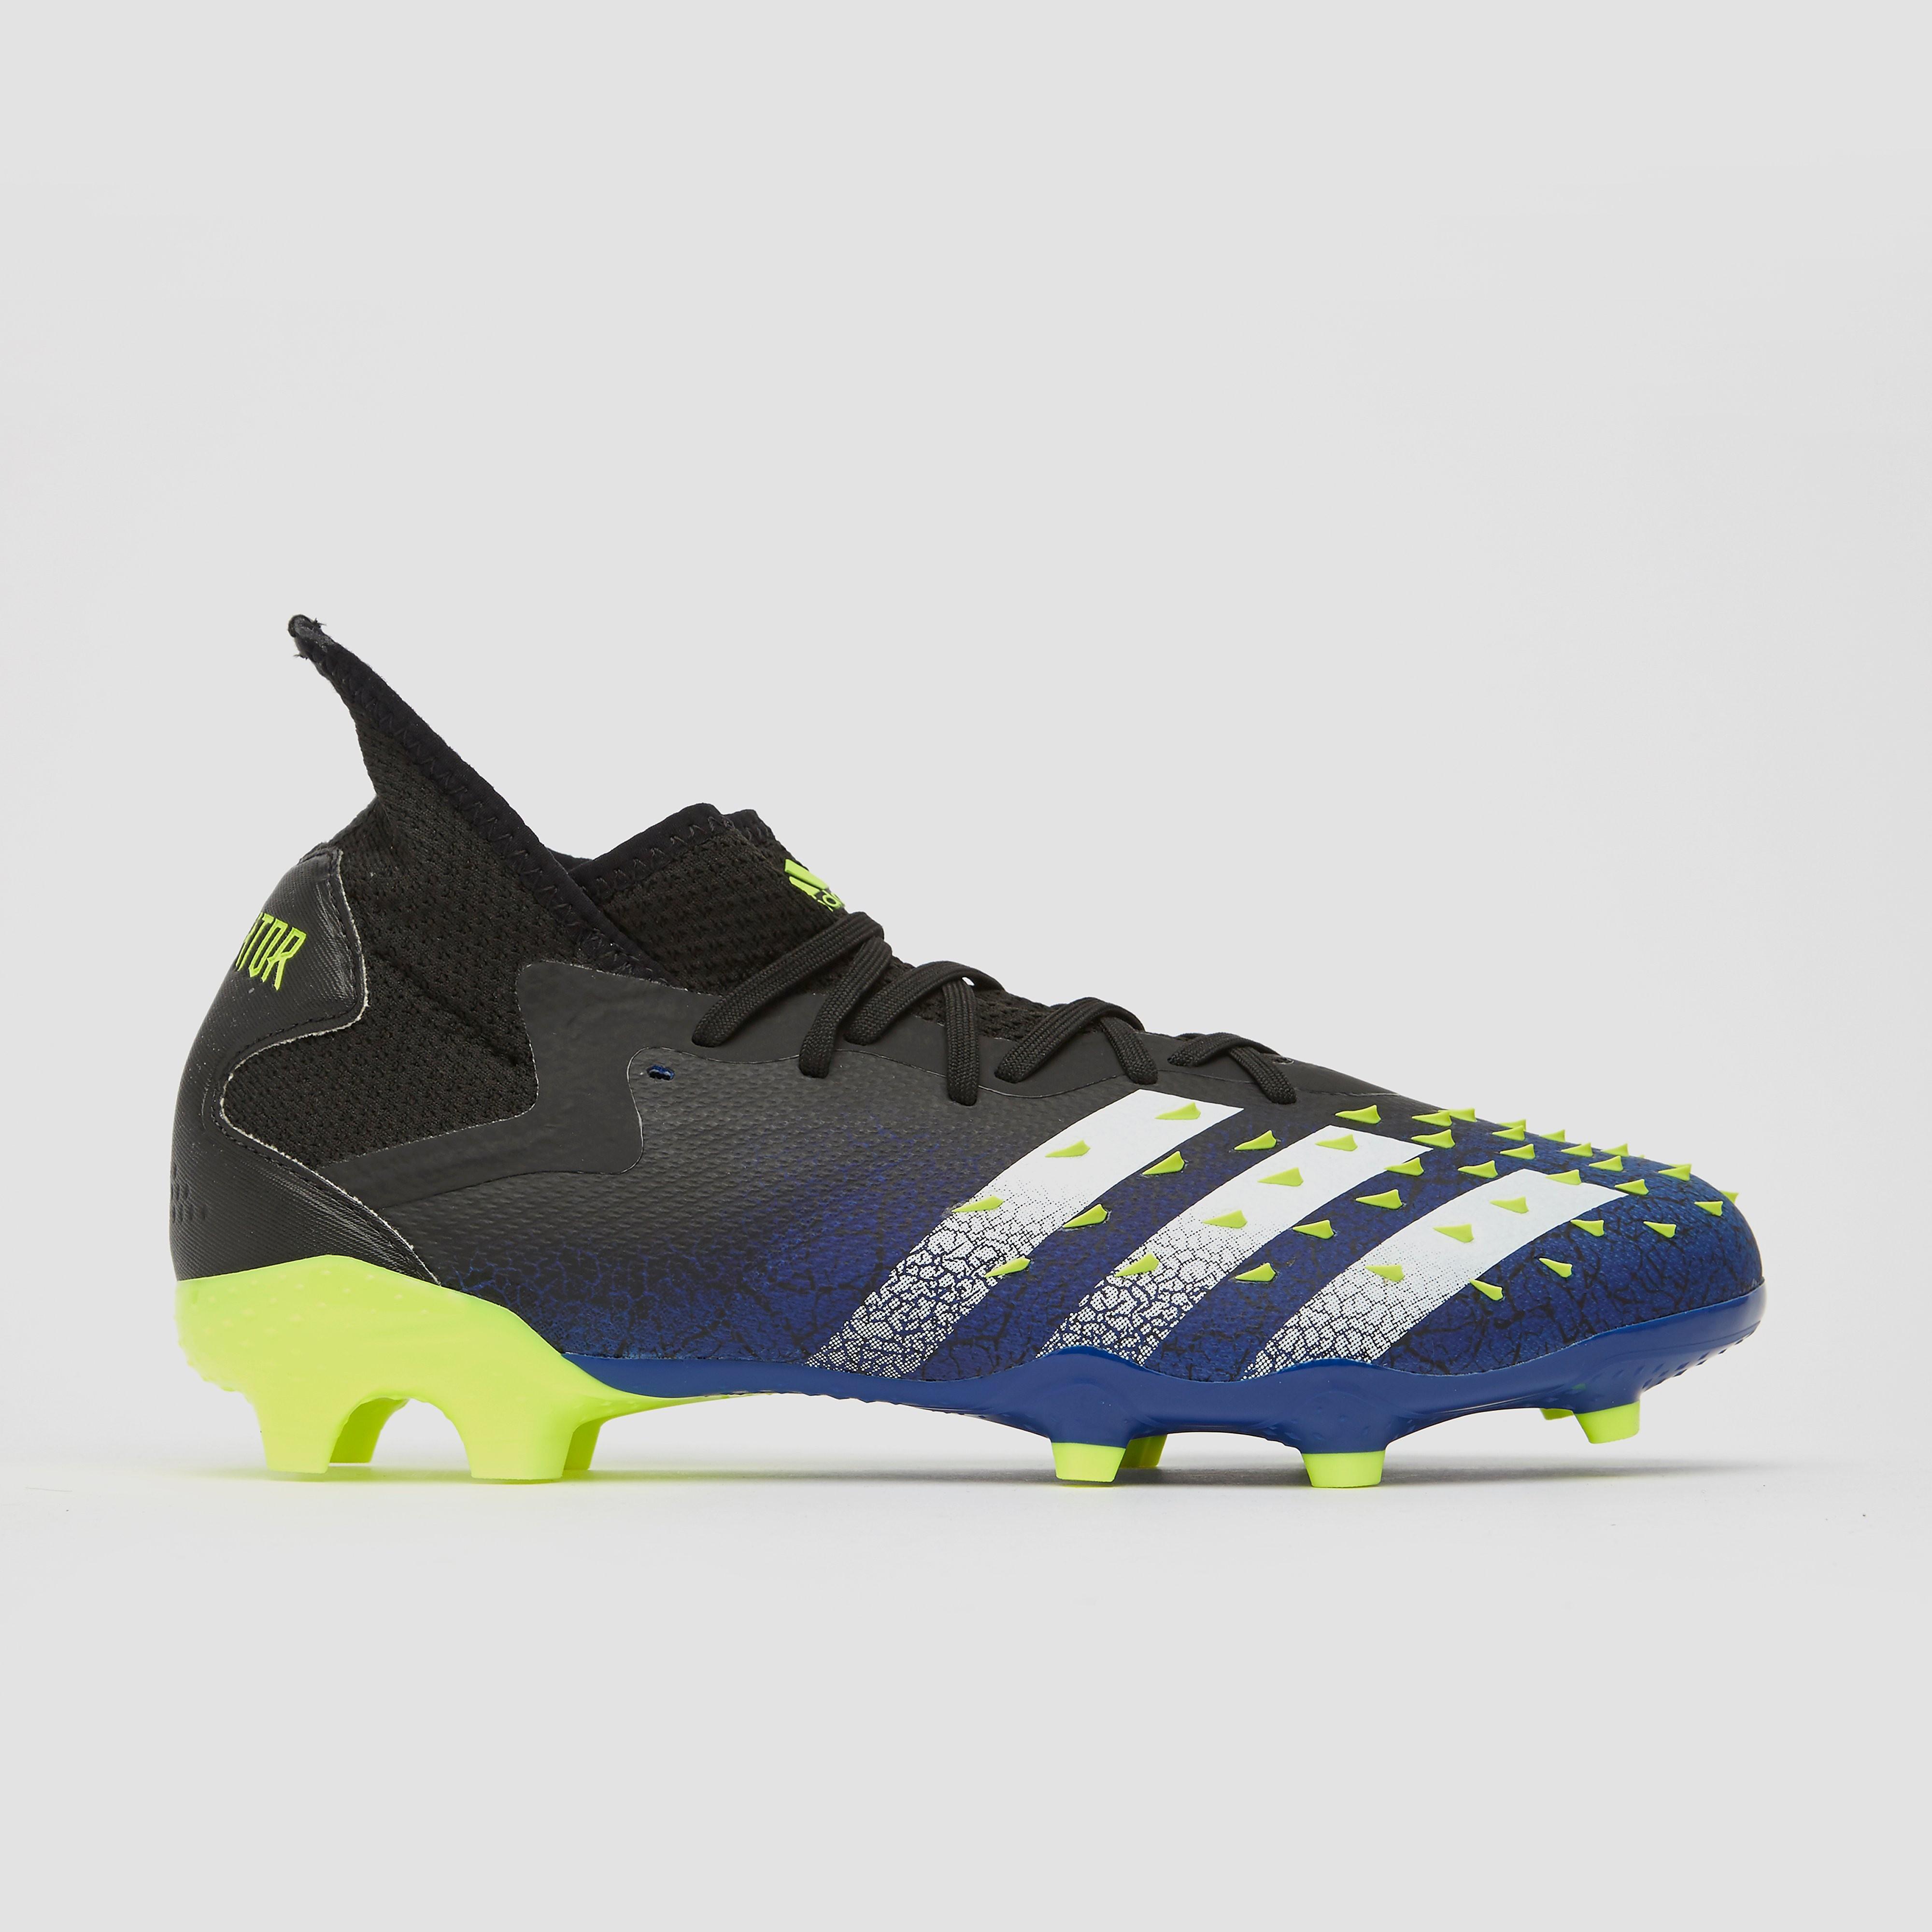 Adidas Predator freak.2 fg voetbalschoenen blauw/zwart Dames